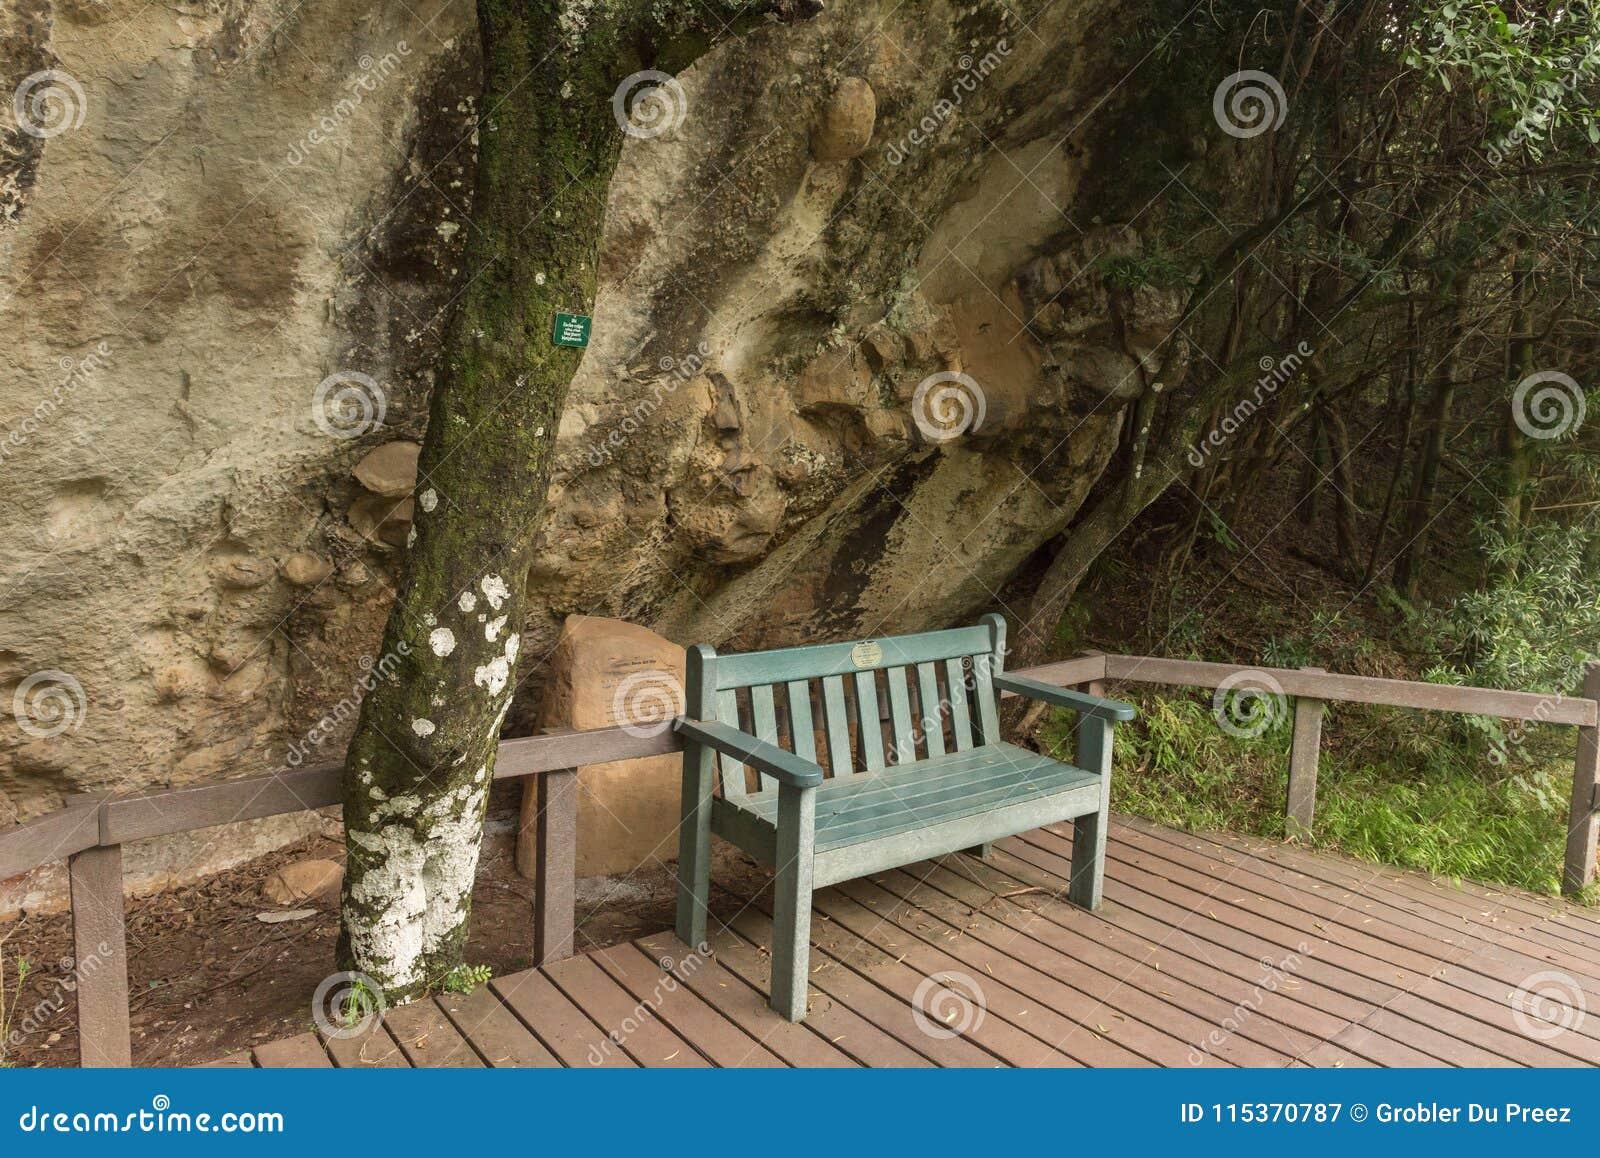 Setzen Sie am Felsenkunststandort nahe den Kaskaden auf die Bank